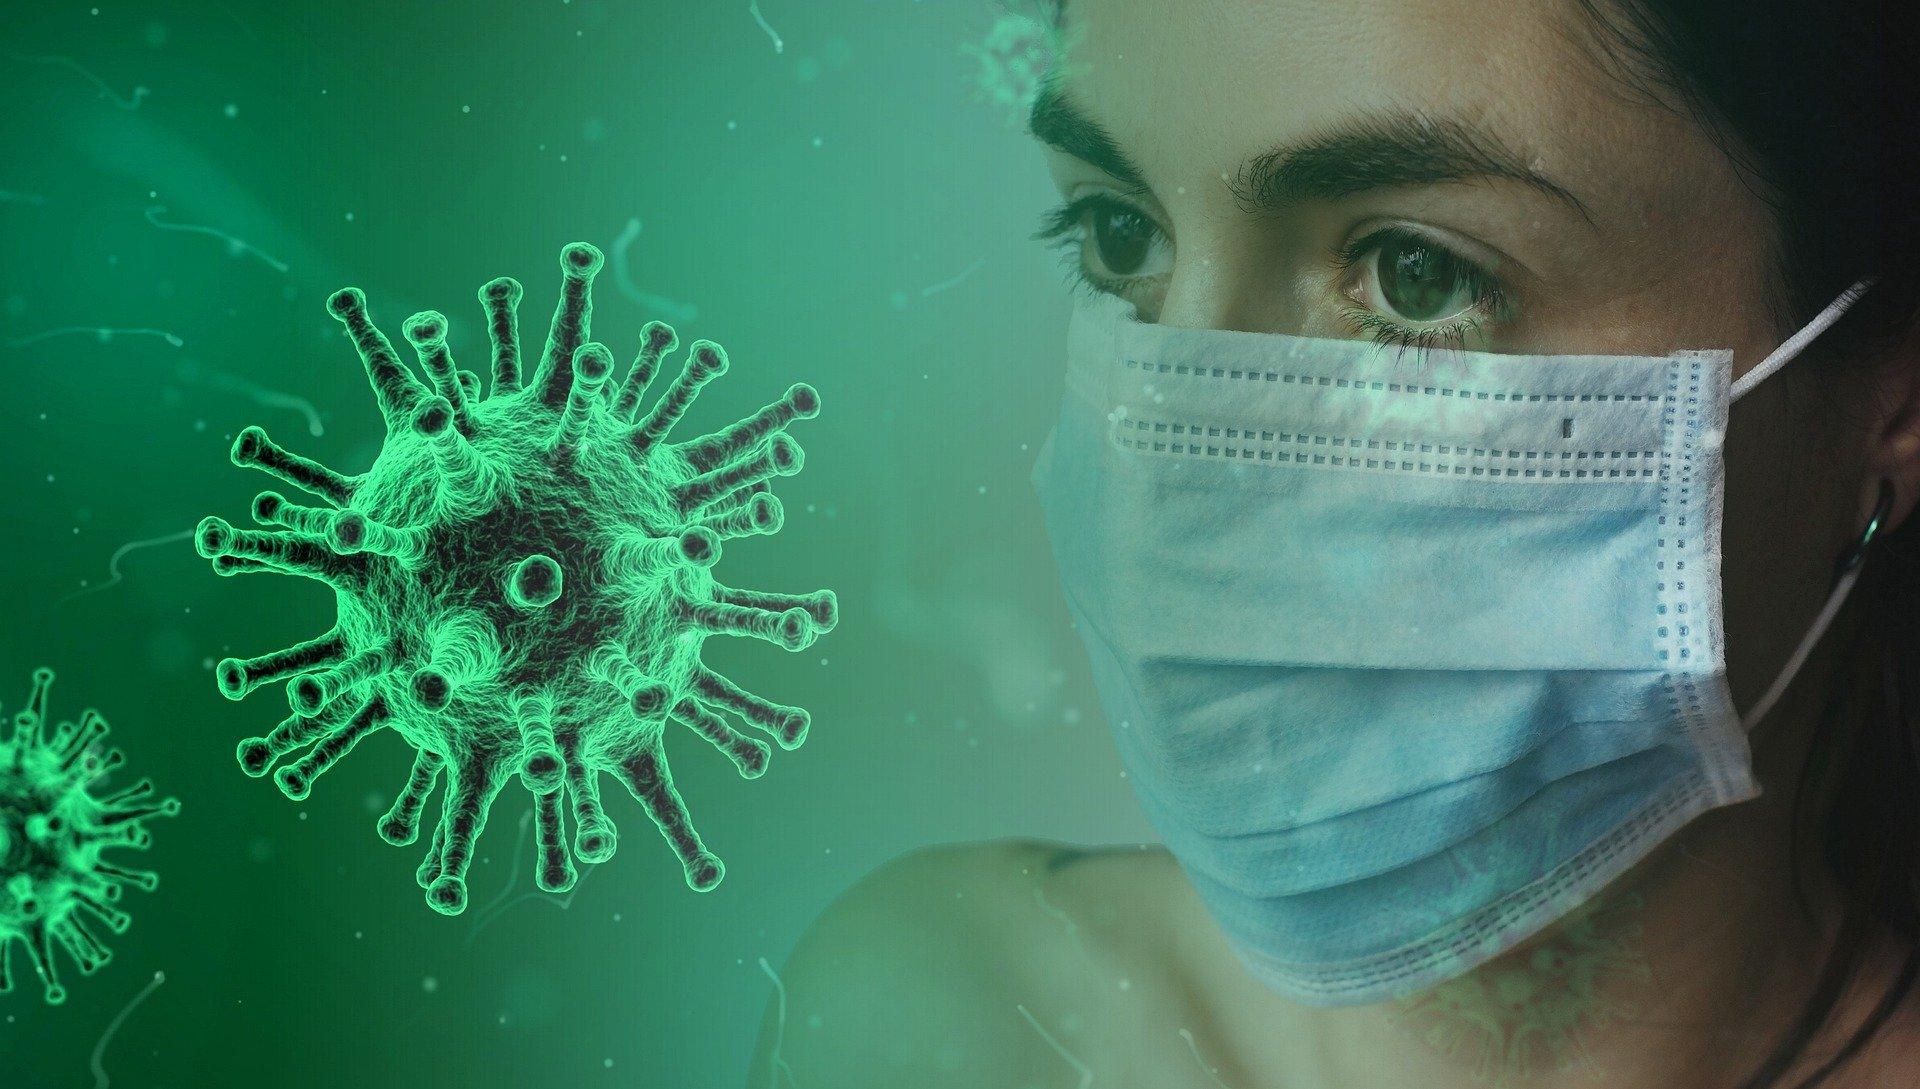 Ponad 41 tysięcy chorych na COVID-19 w Polsce. Na Pomorzu 13 nowych zakażeń, aktywnych 99 przypadków [AKTUALIZACJA]